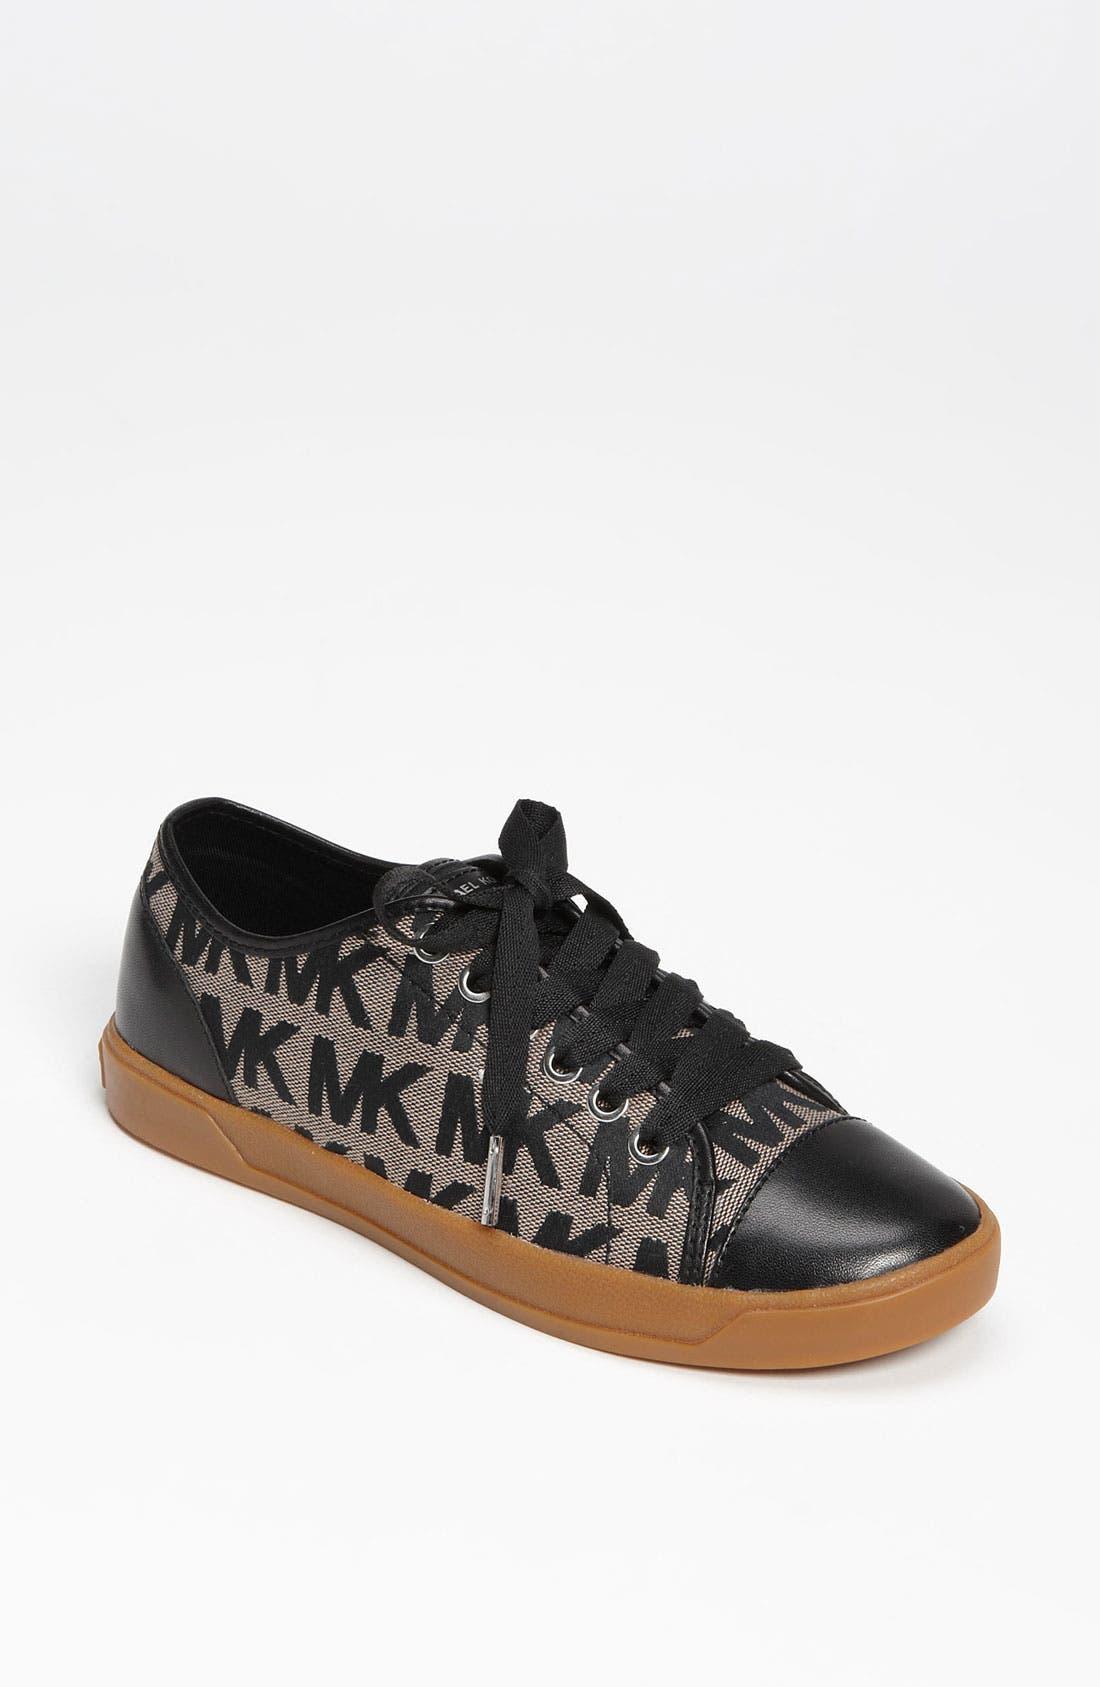 Alternate Image 1 Selected - MICHAEL Michael Kors 'City' Sneaker